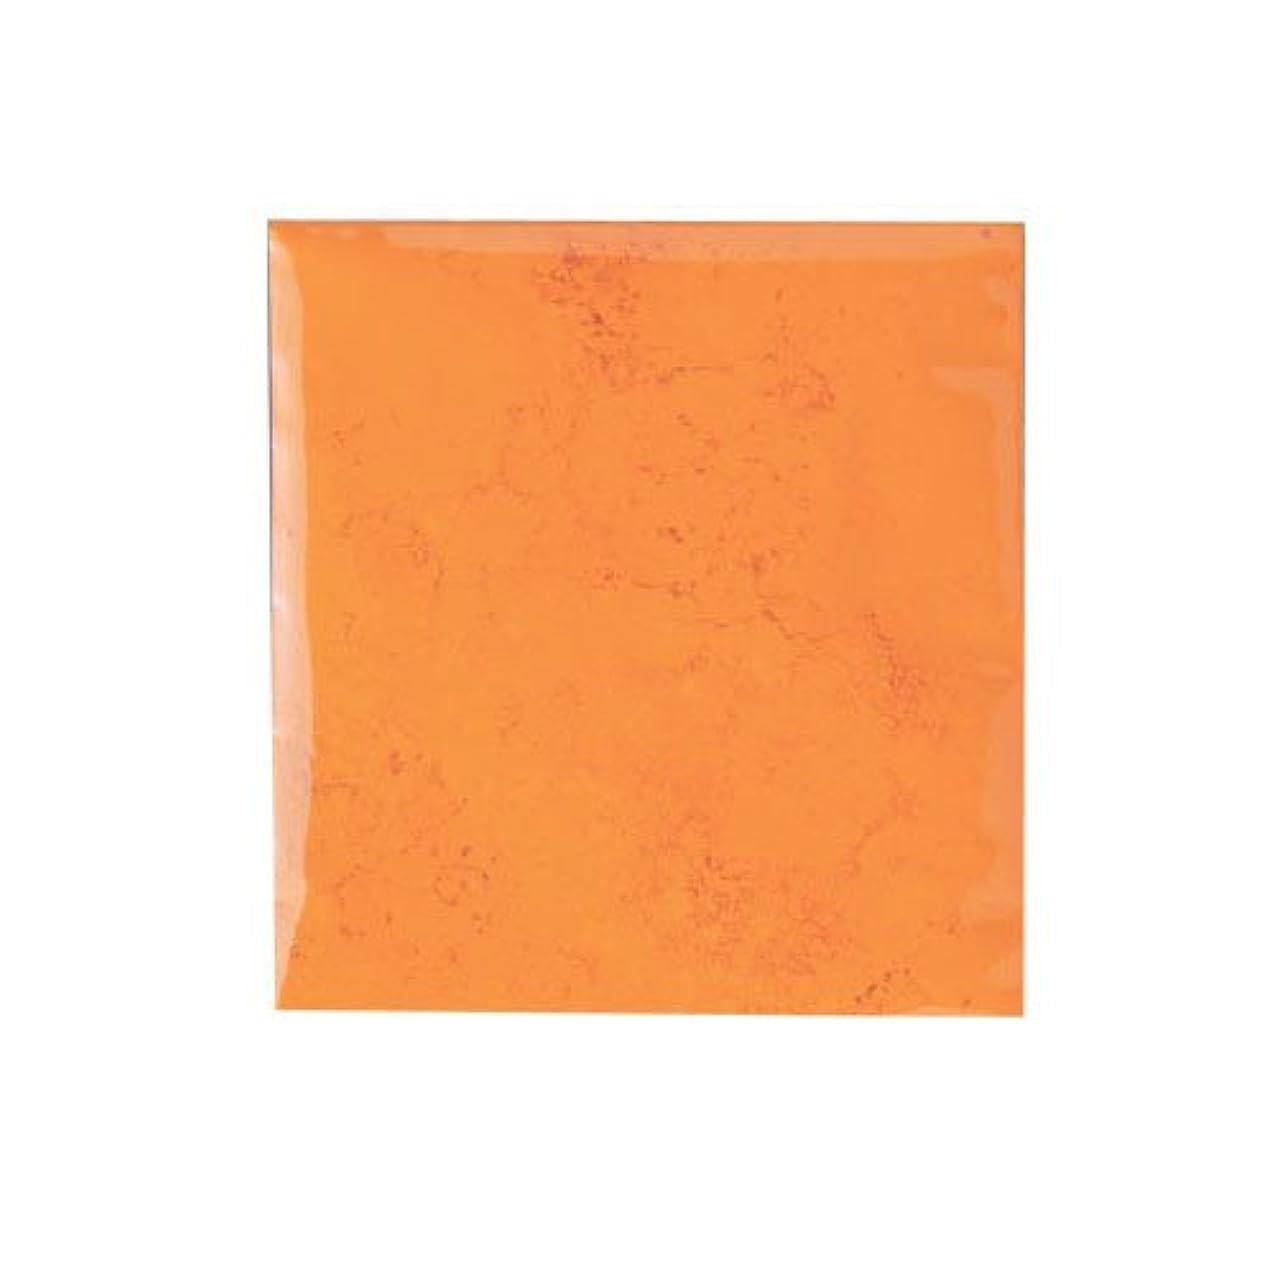 検出可能こっそりでるピカエース ネイル用パウダー カラーパウダー 着色顔料 #745 マリーゴールド 2g